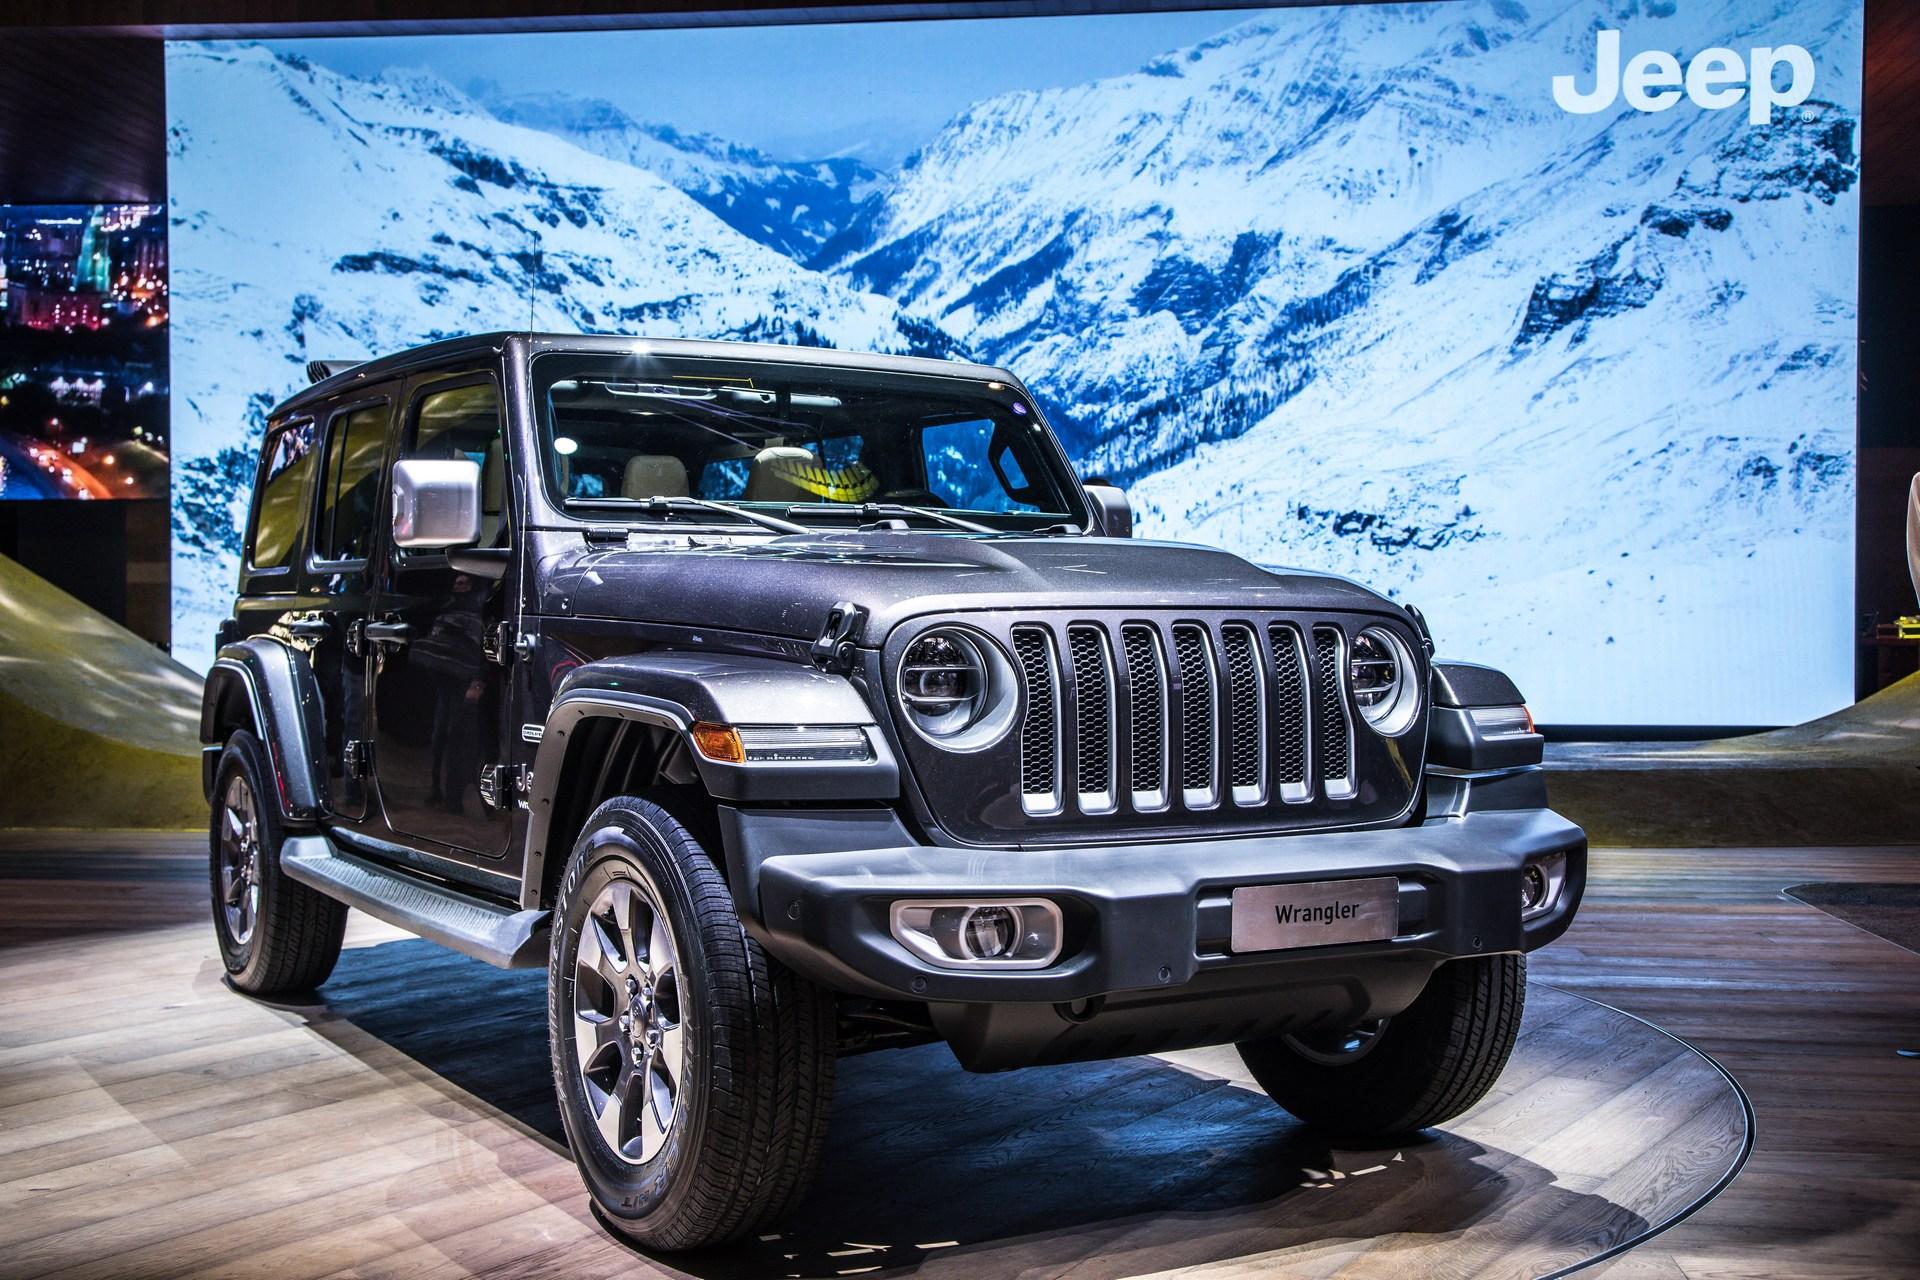 Evropska premijera: Jeep Wrangler (galerija)